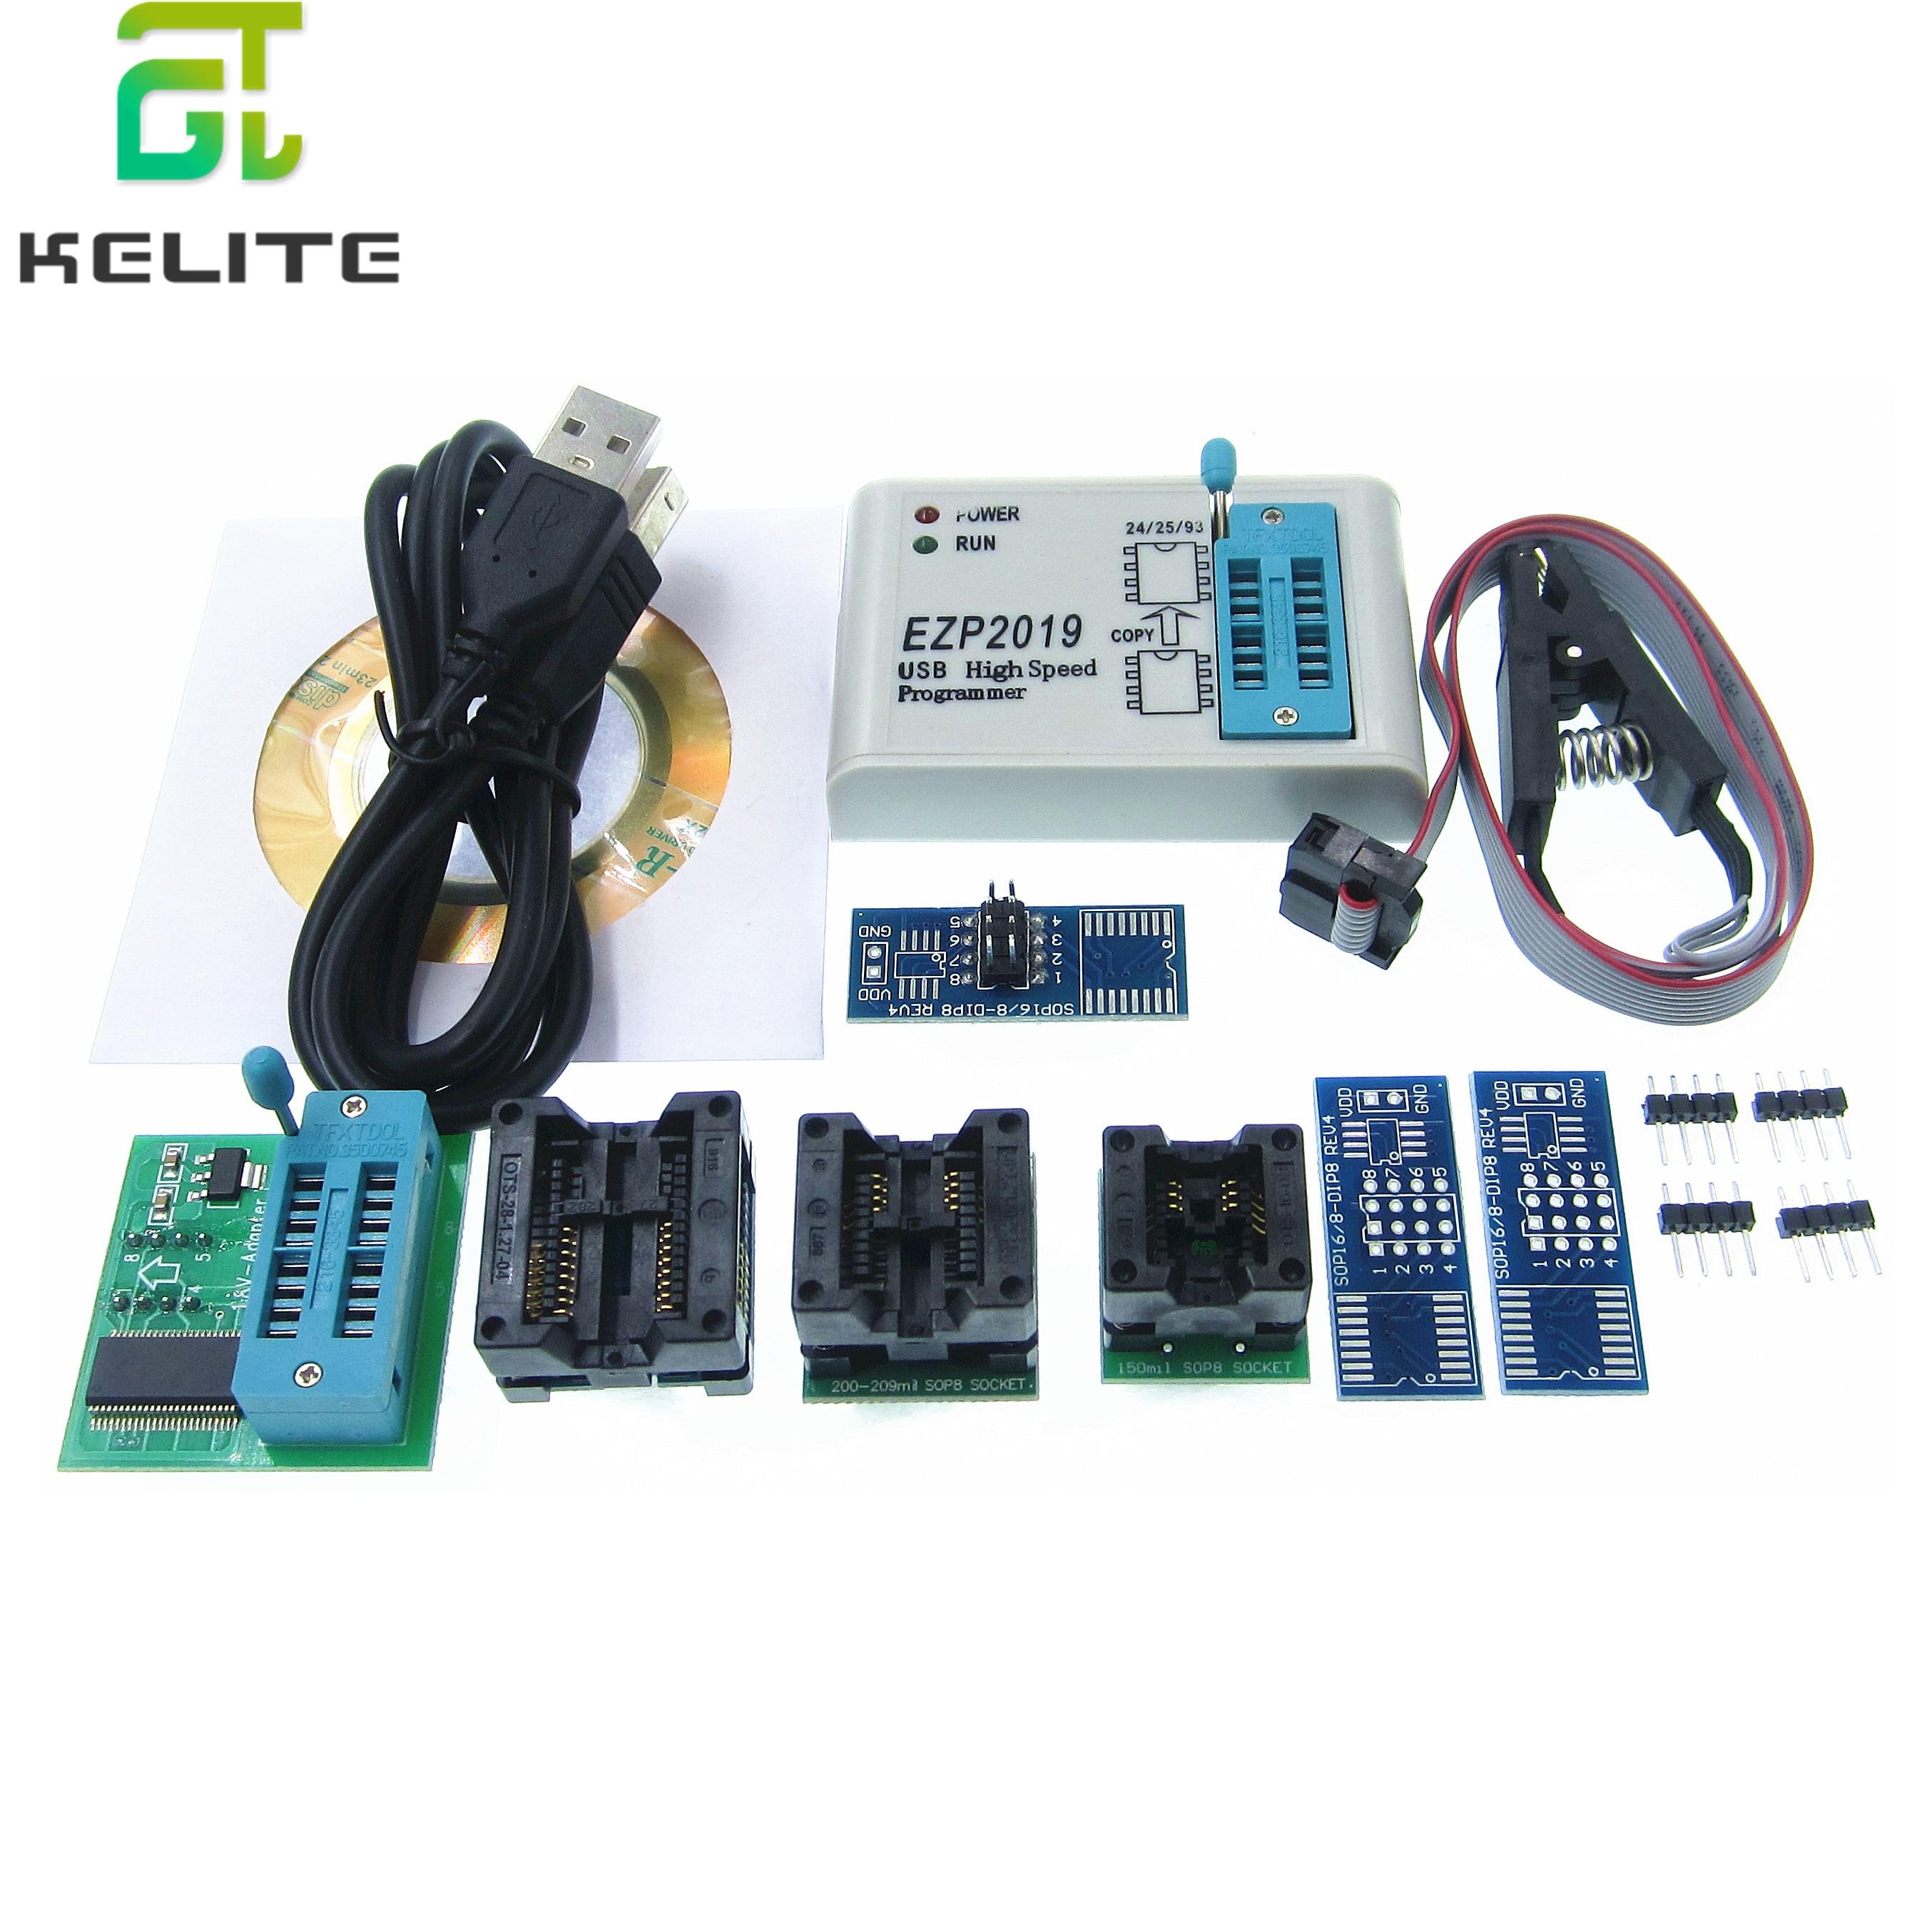 USB de alta Velocidade Programador EZP2019 com Soquetes Suporte 6 24 25 26 93 25 EEPROM do flash chip de bios Apoio WIN7 & WIN8 EZP2013 EZP2010